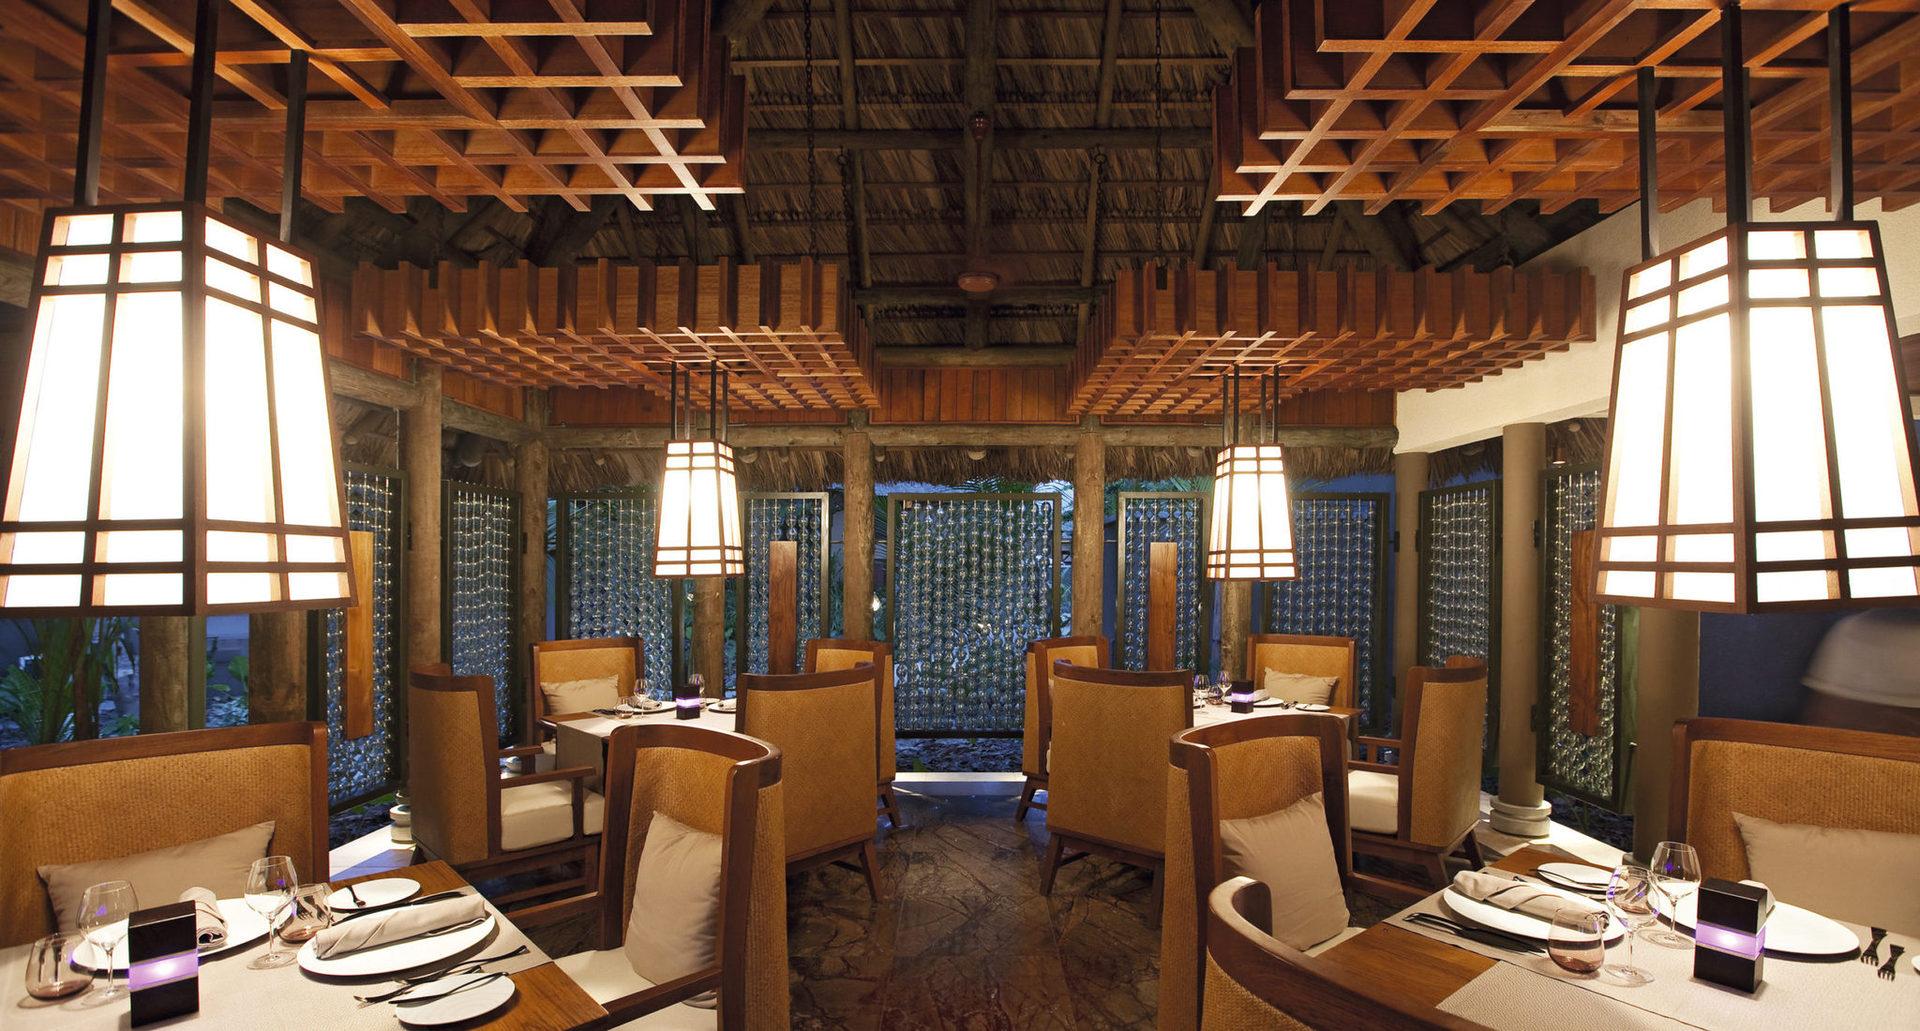 Рекомендуємо відвідати ресторан Cyann, що розташований на схилі пагорба. Заклад відкритий протягом дня, а вечорами спеціалізується на високій fusion-кухні з французько-азіатським акцентом. Бар Cyann має відкриту терасу, де ви можете викурити кубинську сигару, вибрати витриманий ром, саке, віскі або коктейль.